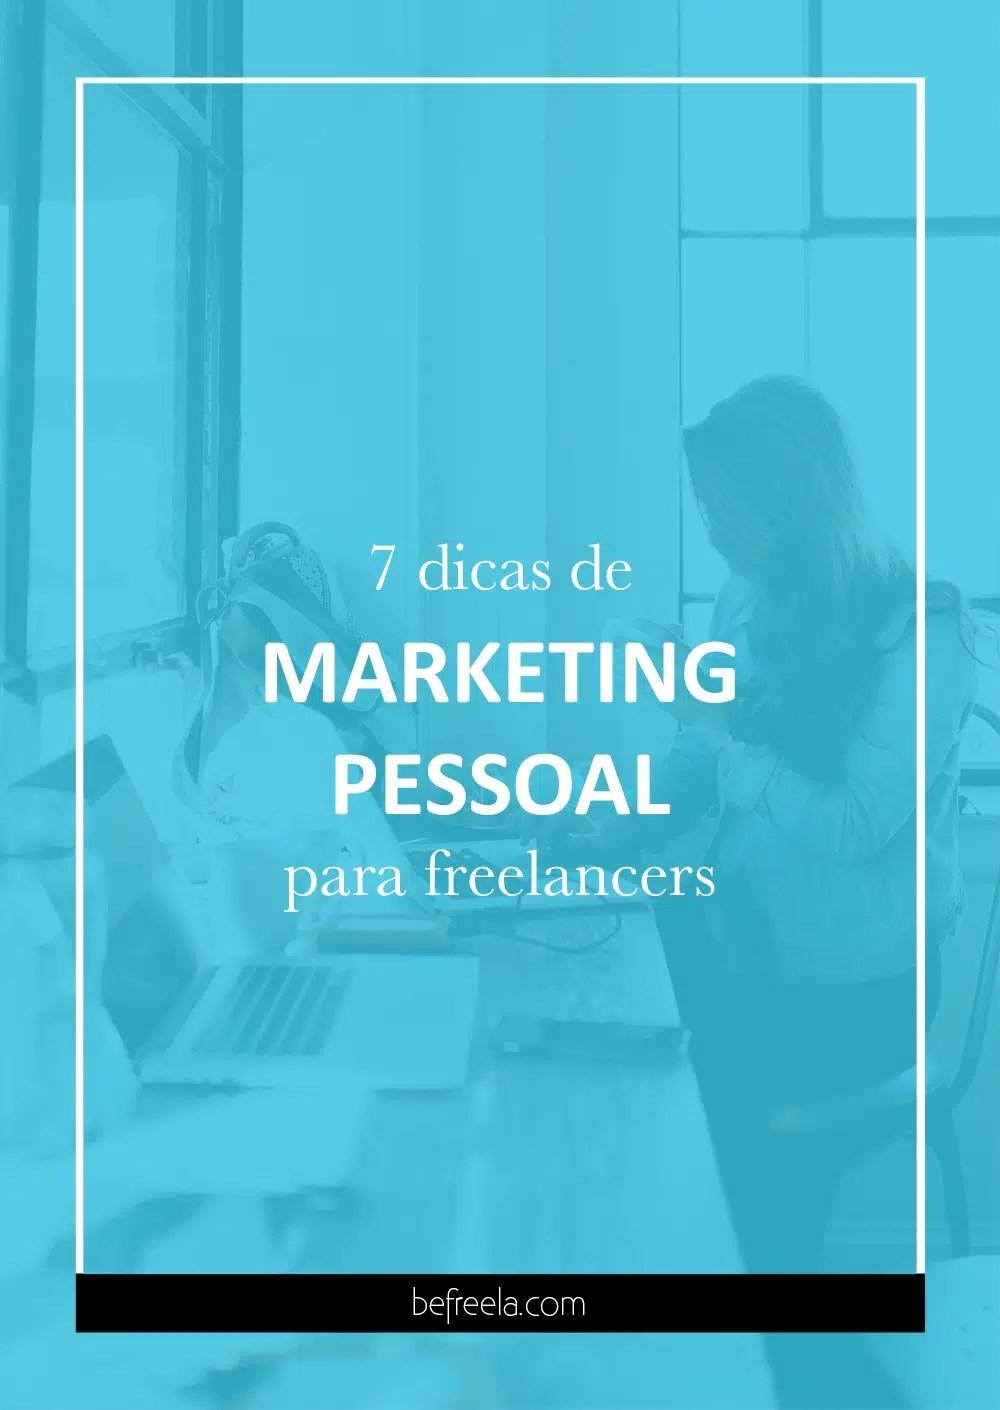 7 dicas de marketing pessoal para freelancers